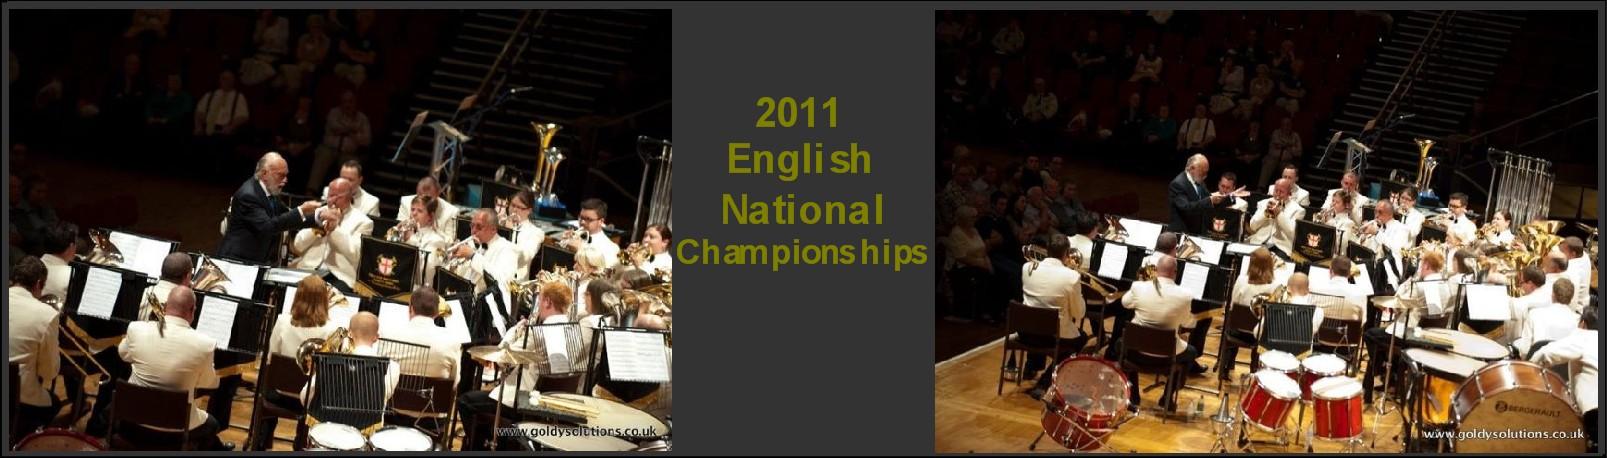 2011 ENC banner 1